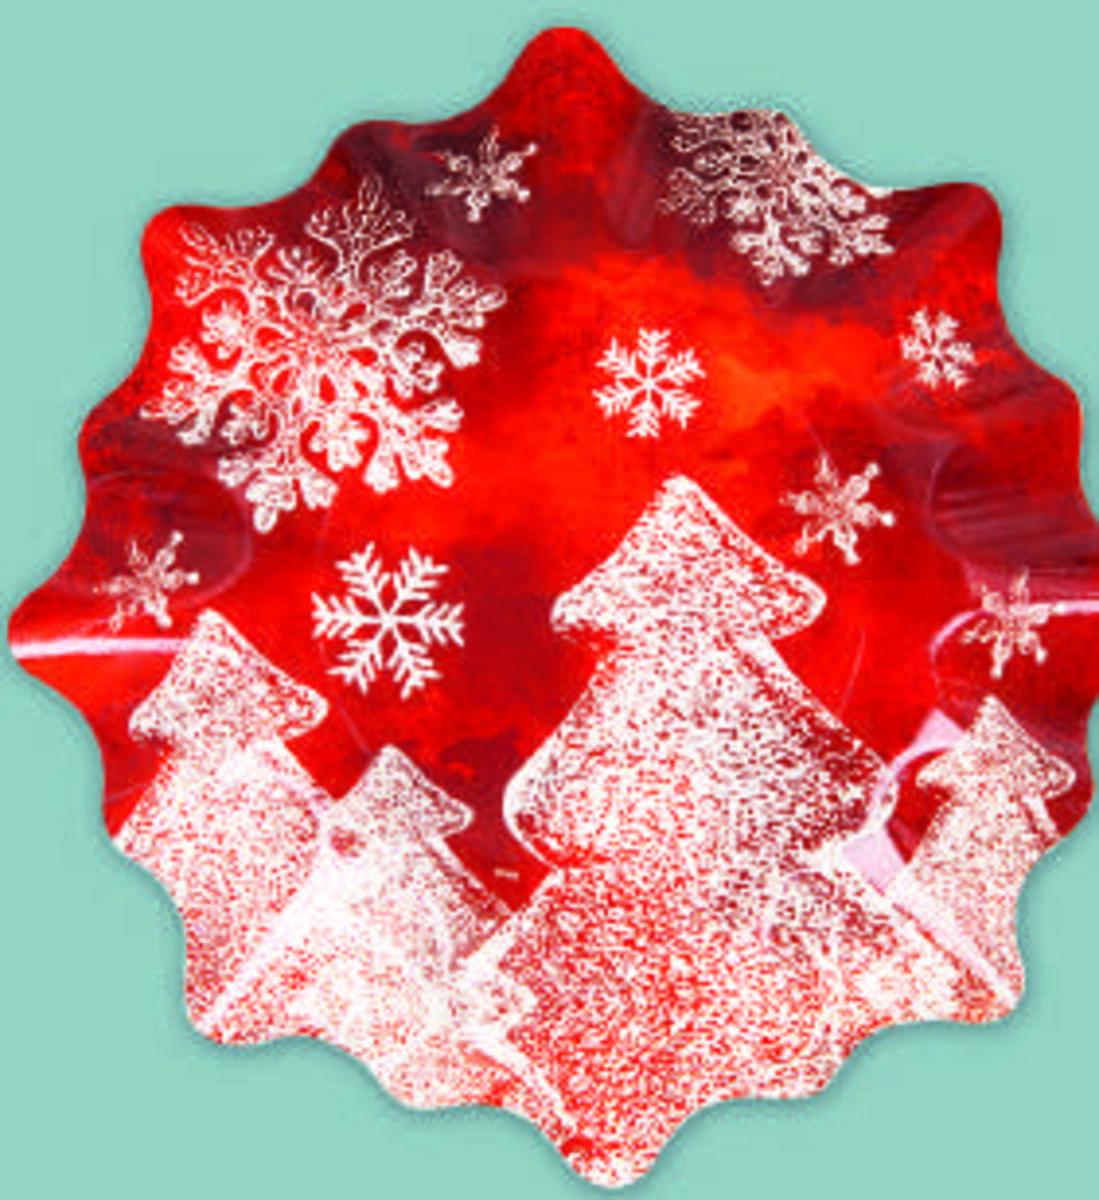 Bild 2 von Weihnachtsteller